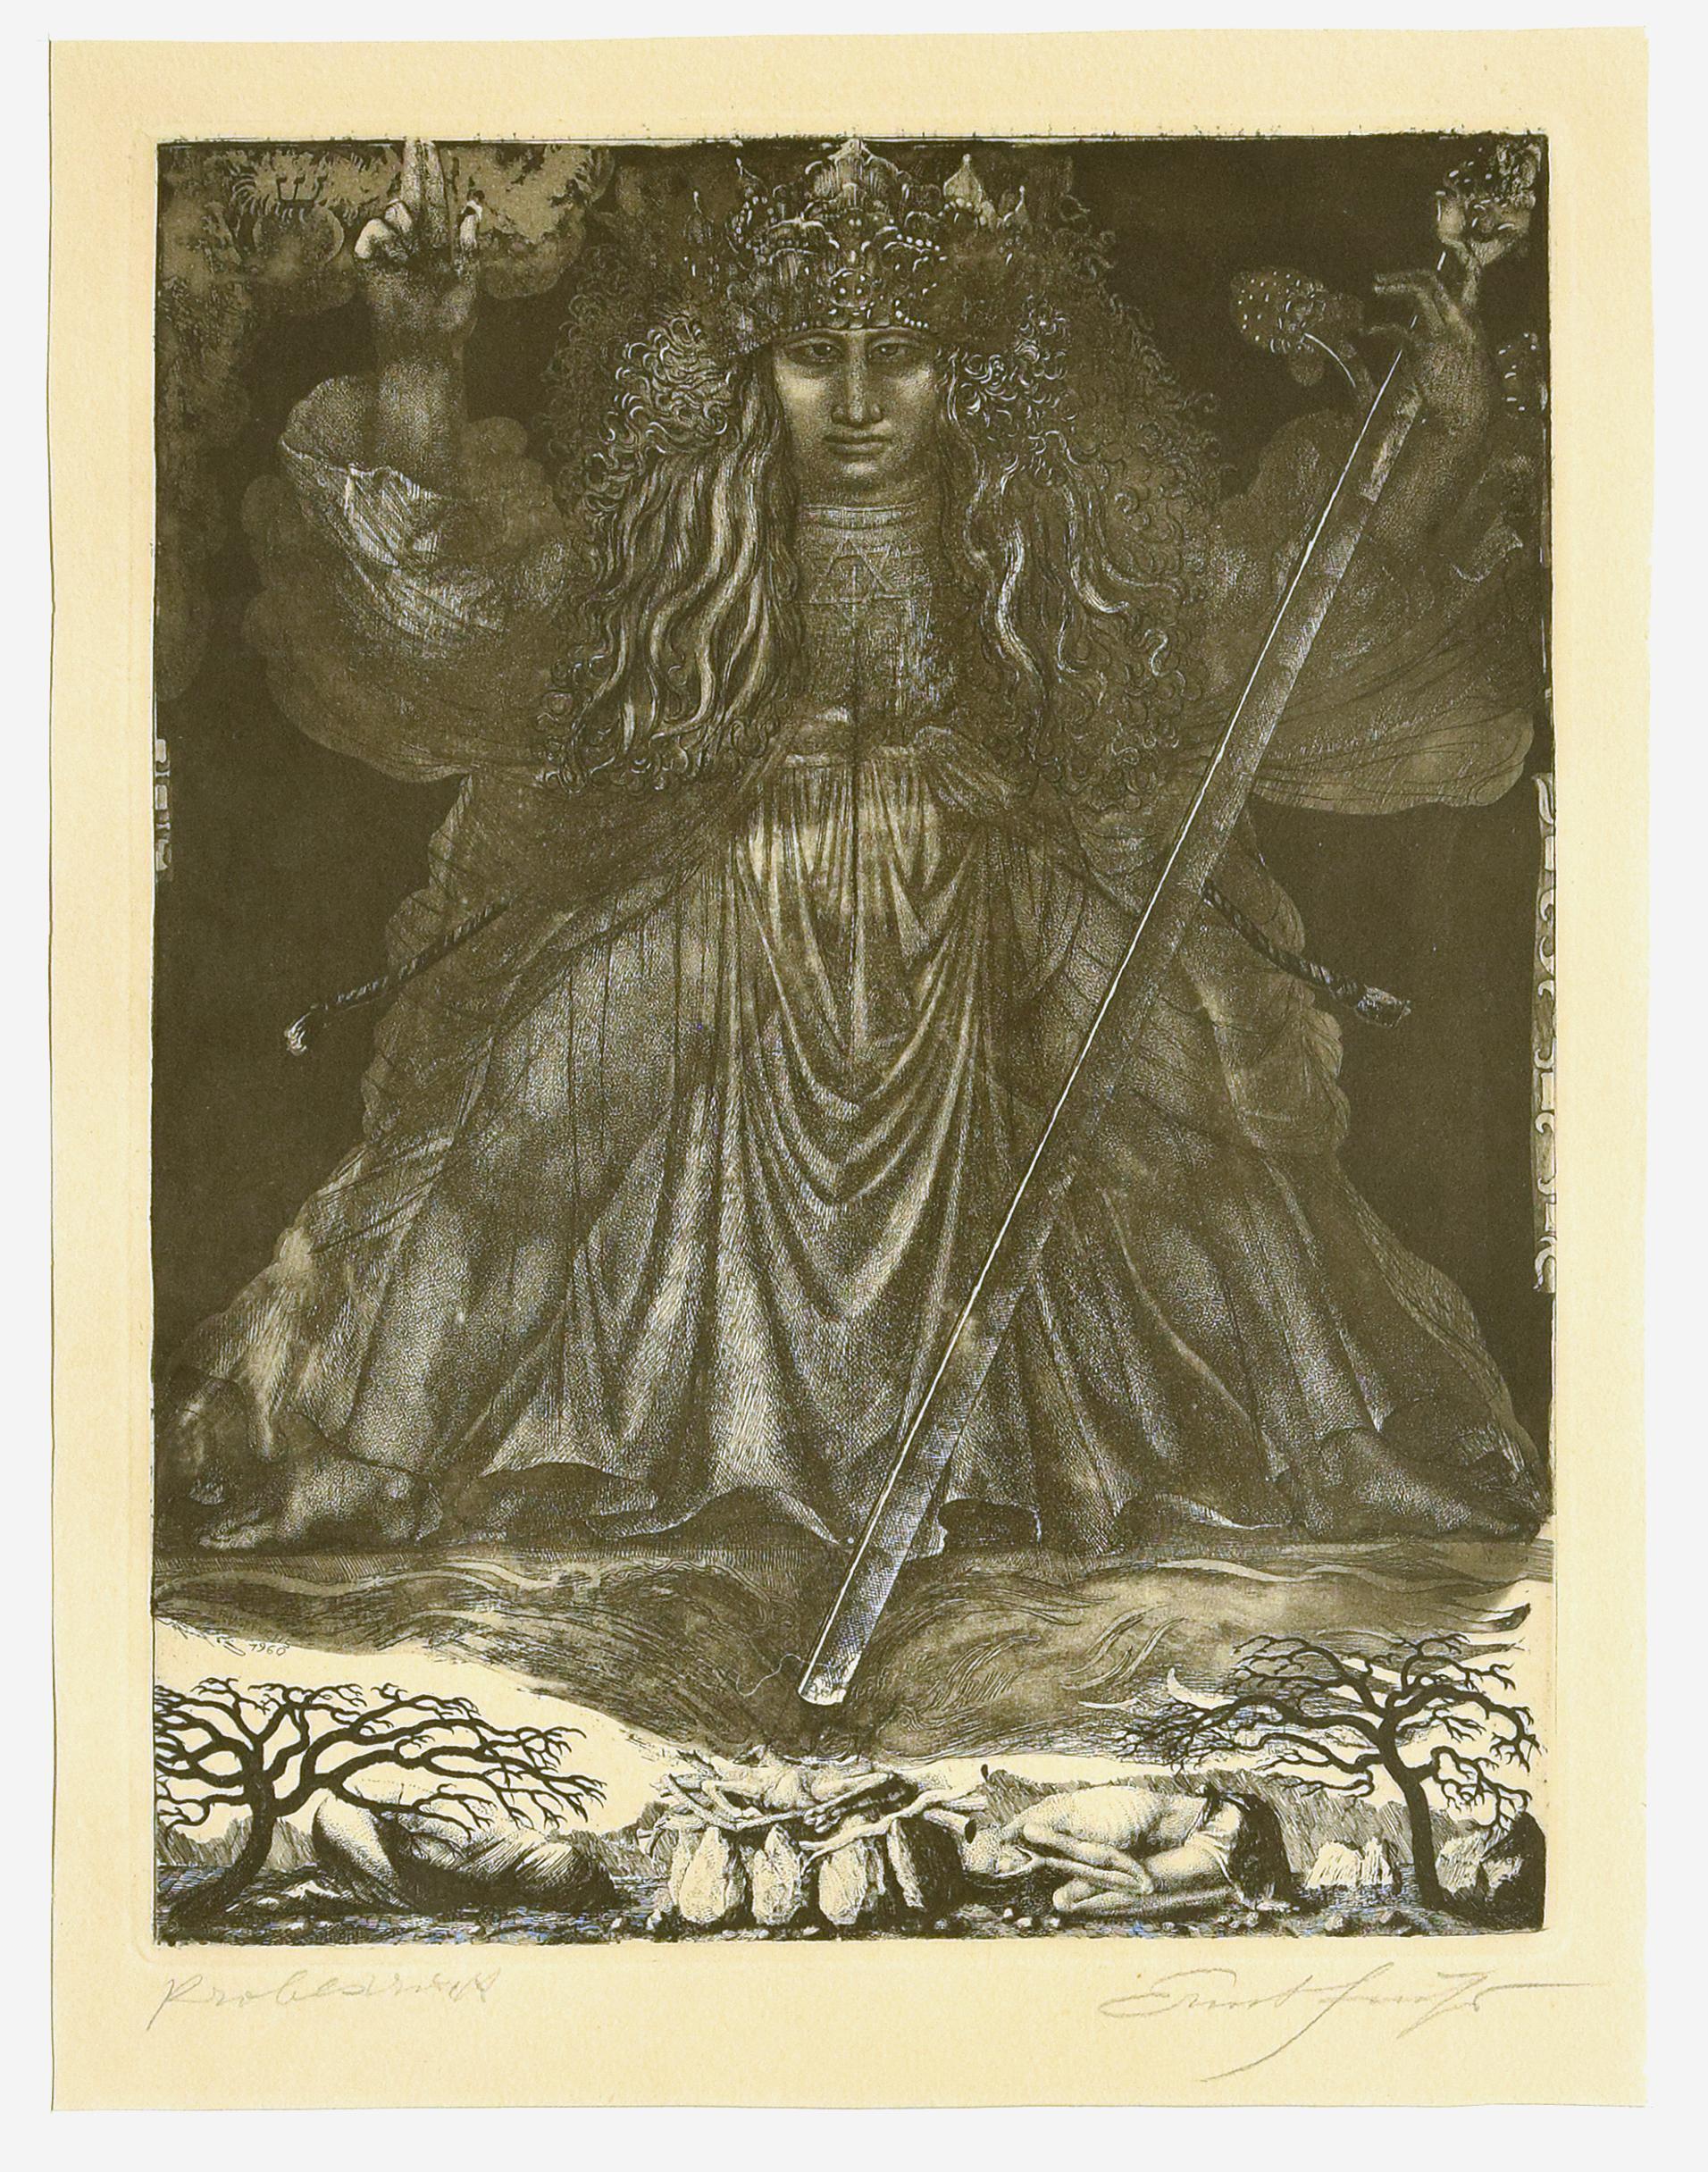 Samson, the Judge - Original Etching by Ernst Fuchs - 1960s